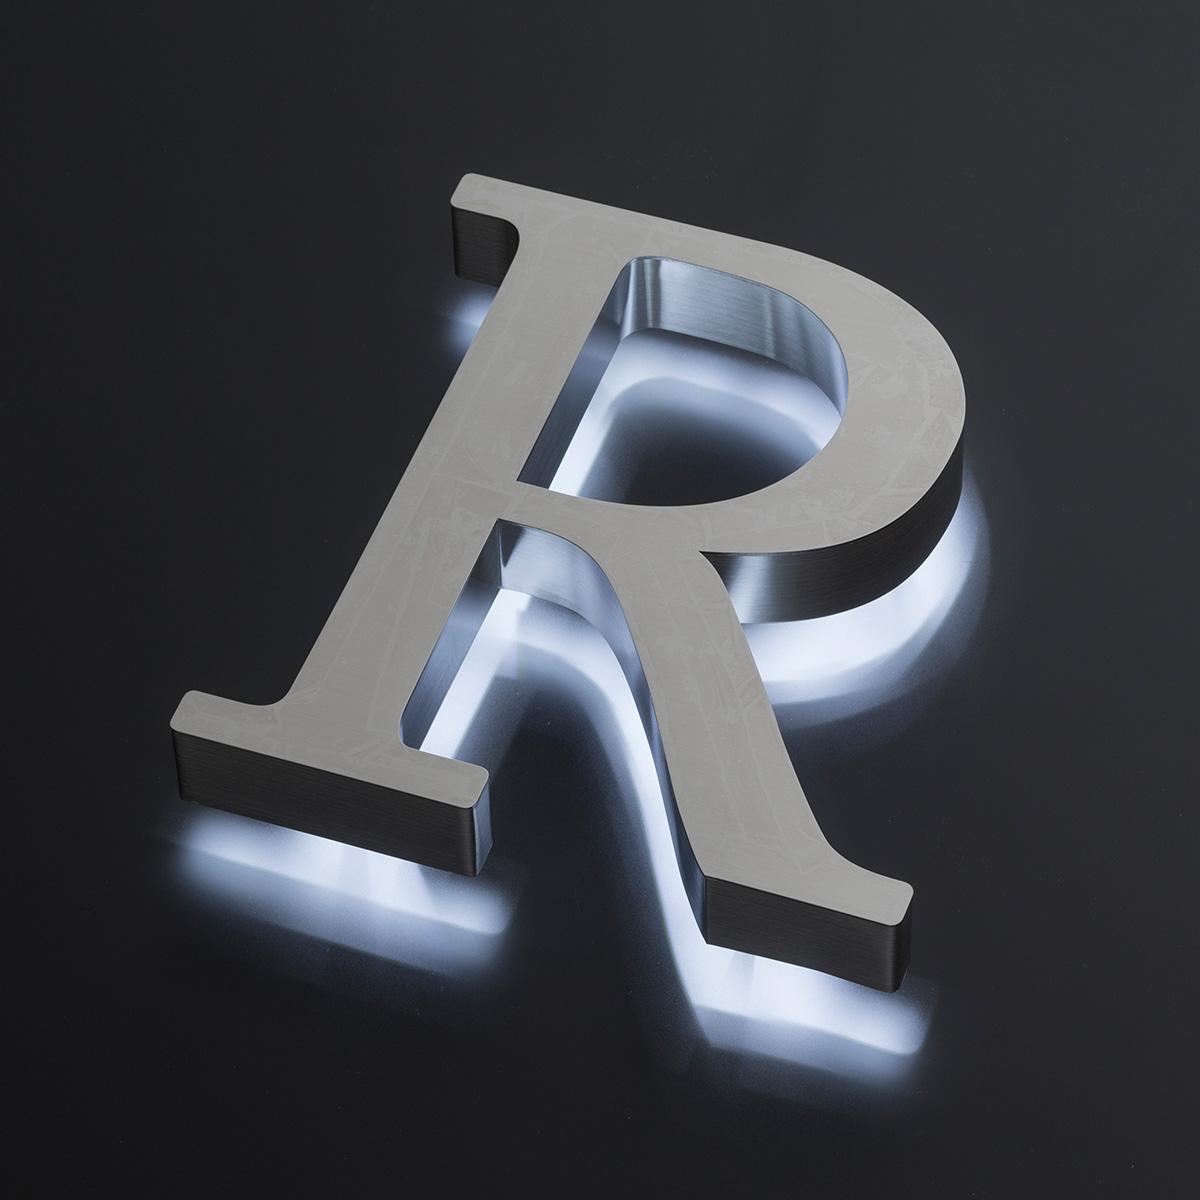 LEDサイン、LED看板のLEDIUS SIGN PRO BACK CHANNEL